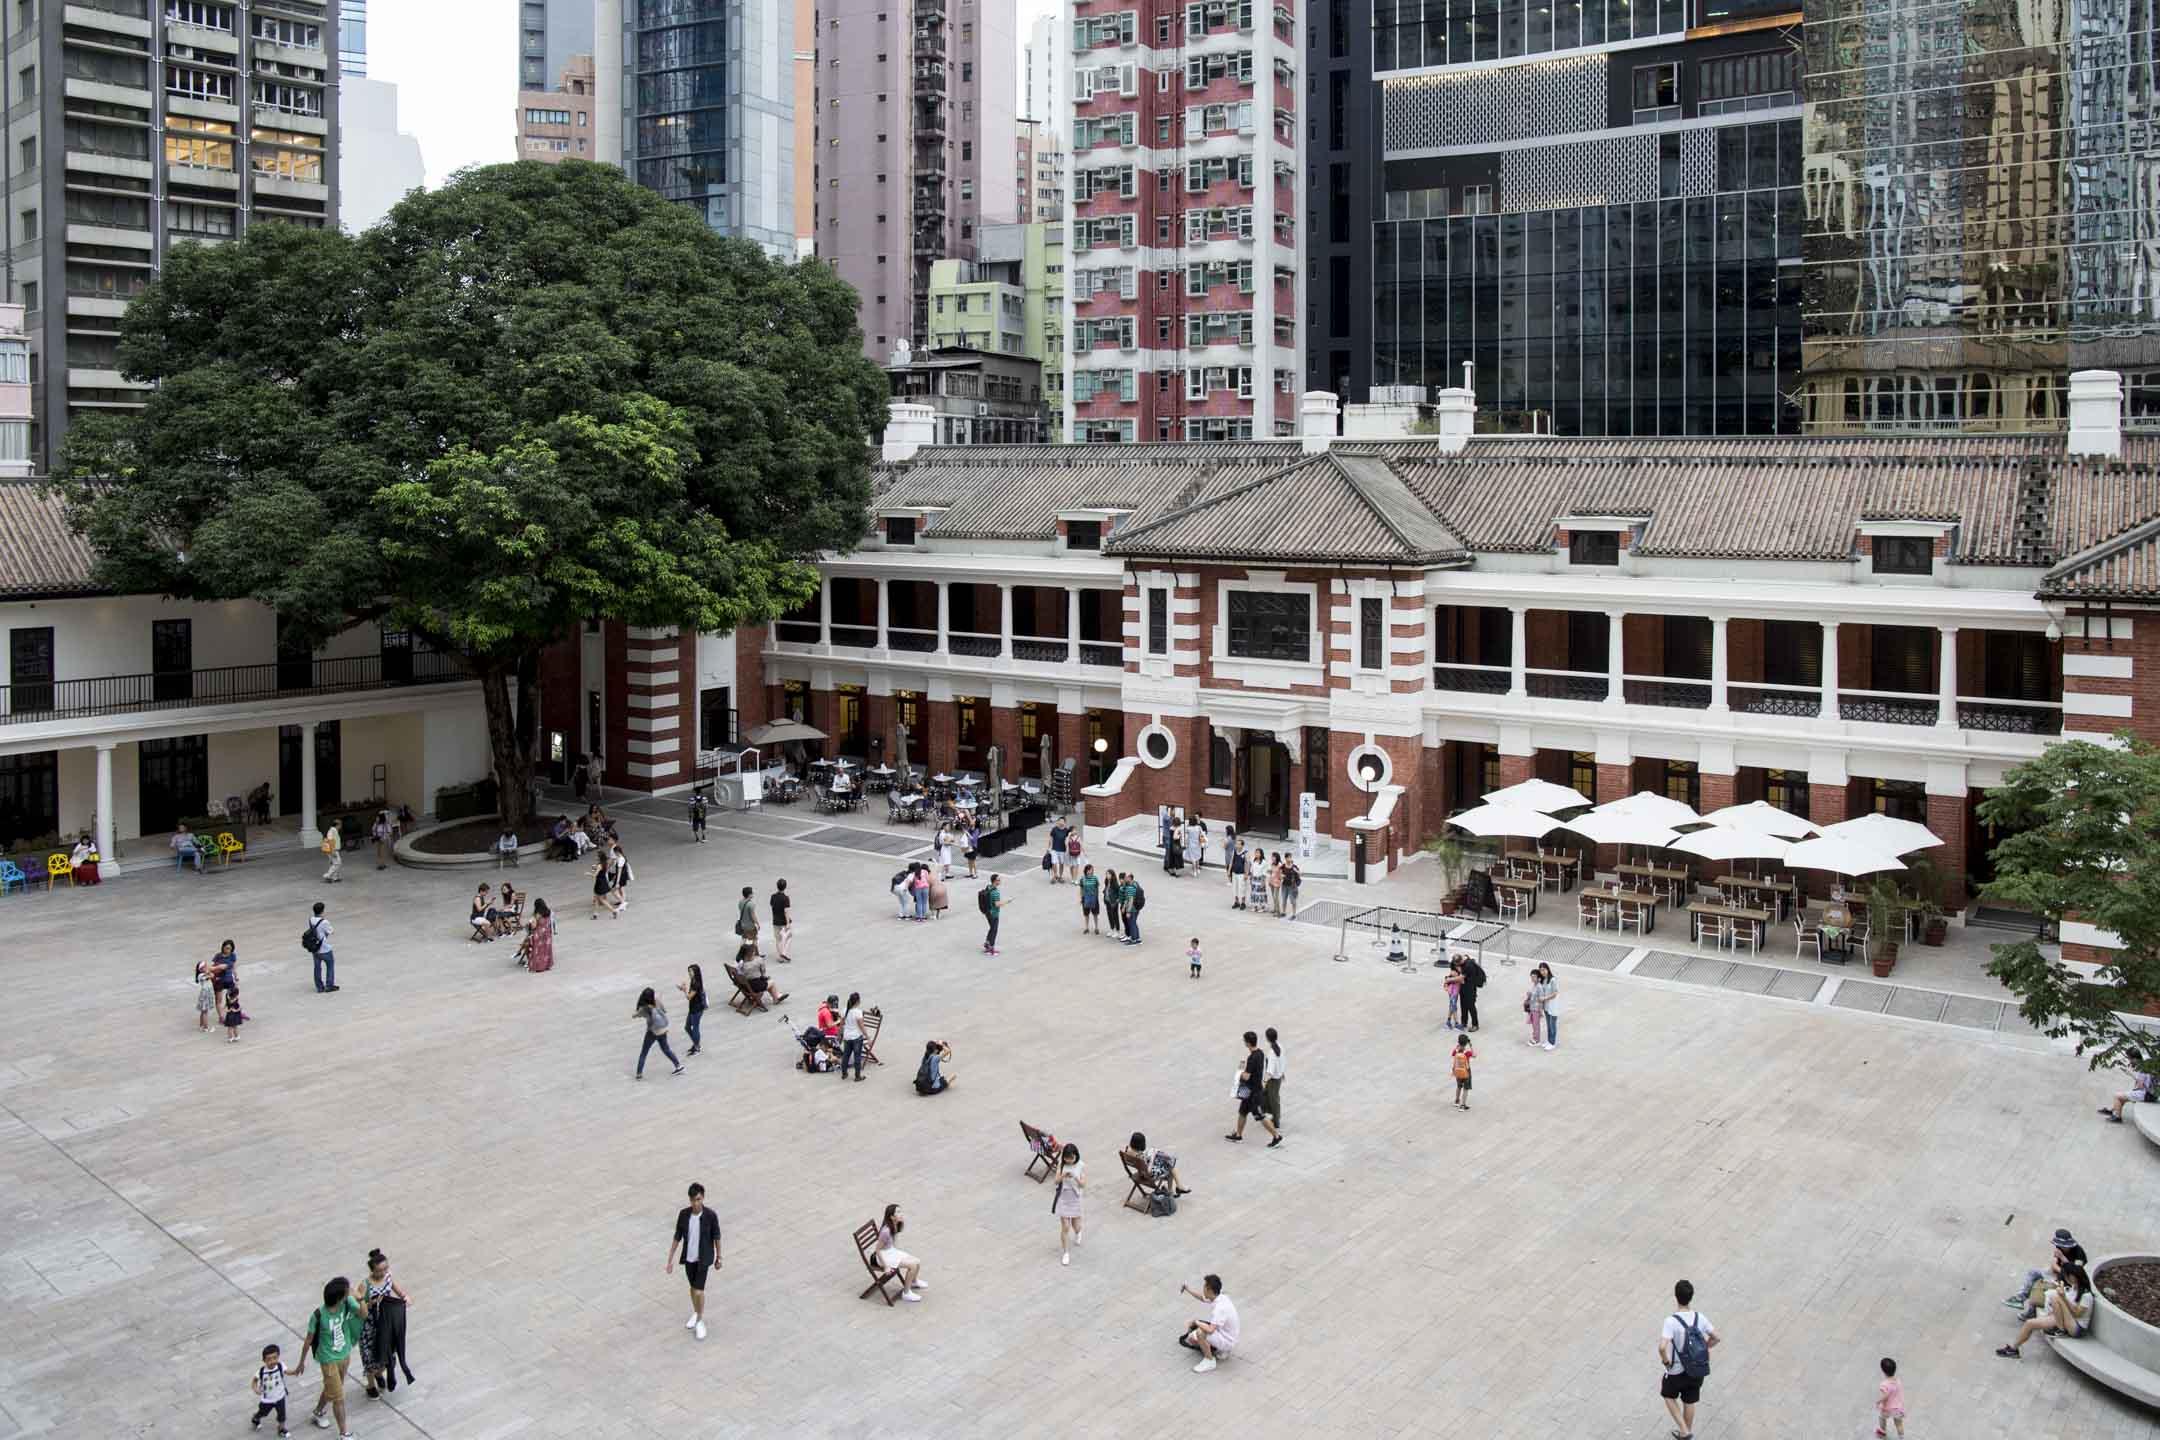 今年5月重新開放為古蹟美術館的中環「大館」,包括了前中區警署、中央裁判司署和域多利監獄三項法定古蹟,是香港最重要的歷史古蹟活化計劃之一。 攝:林振東/端傳媒